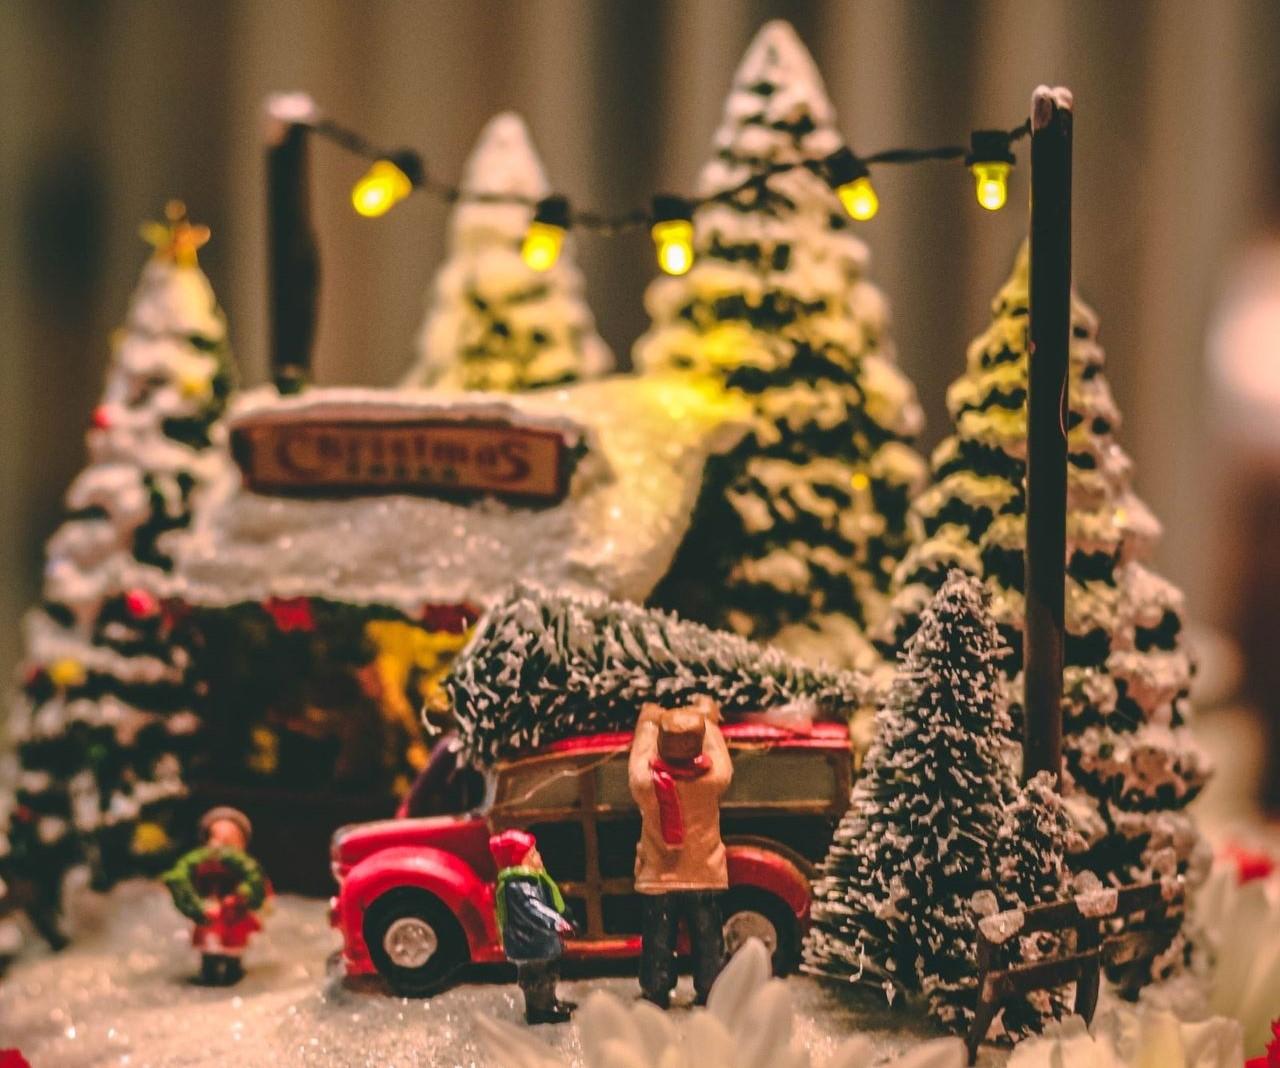 Word story – Christmas creep